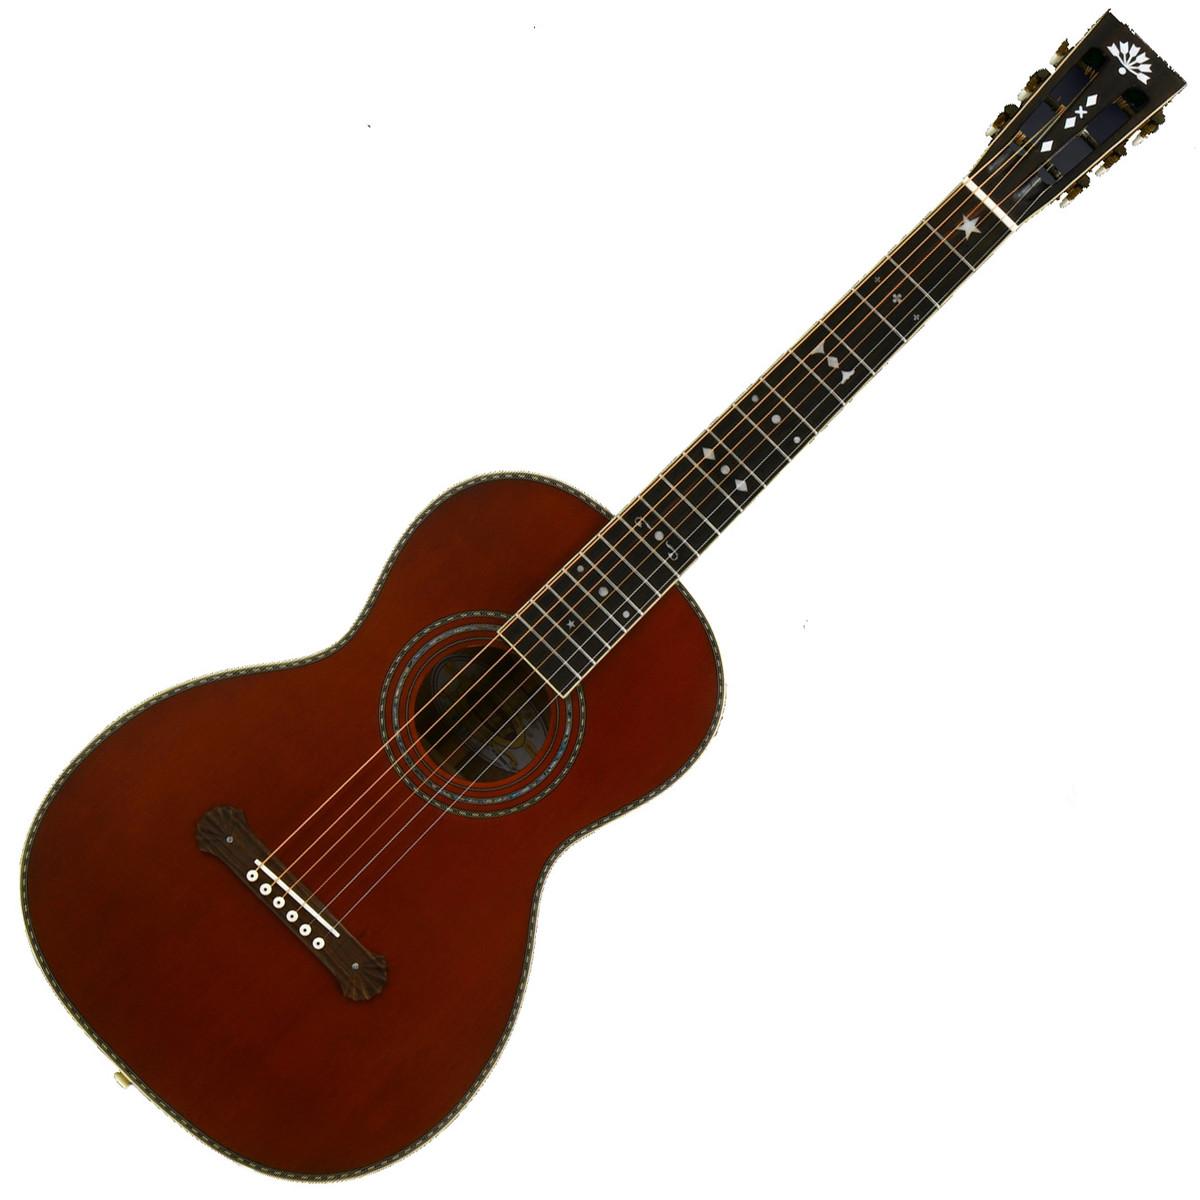 washburn r314k vintage series parlour acoustic guitar natural at. Black Bedroom Furniture Sets. Home Design Ideas